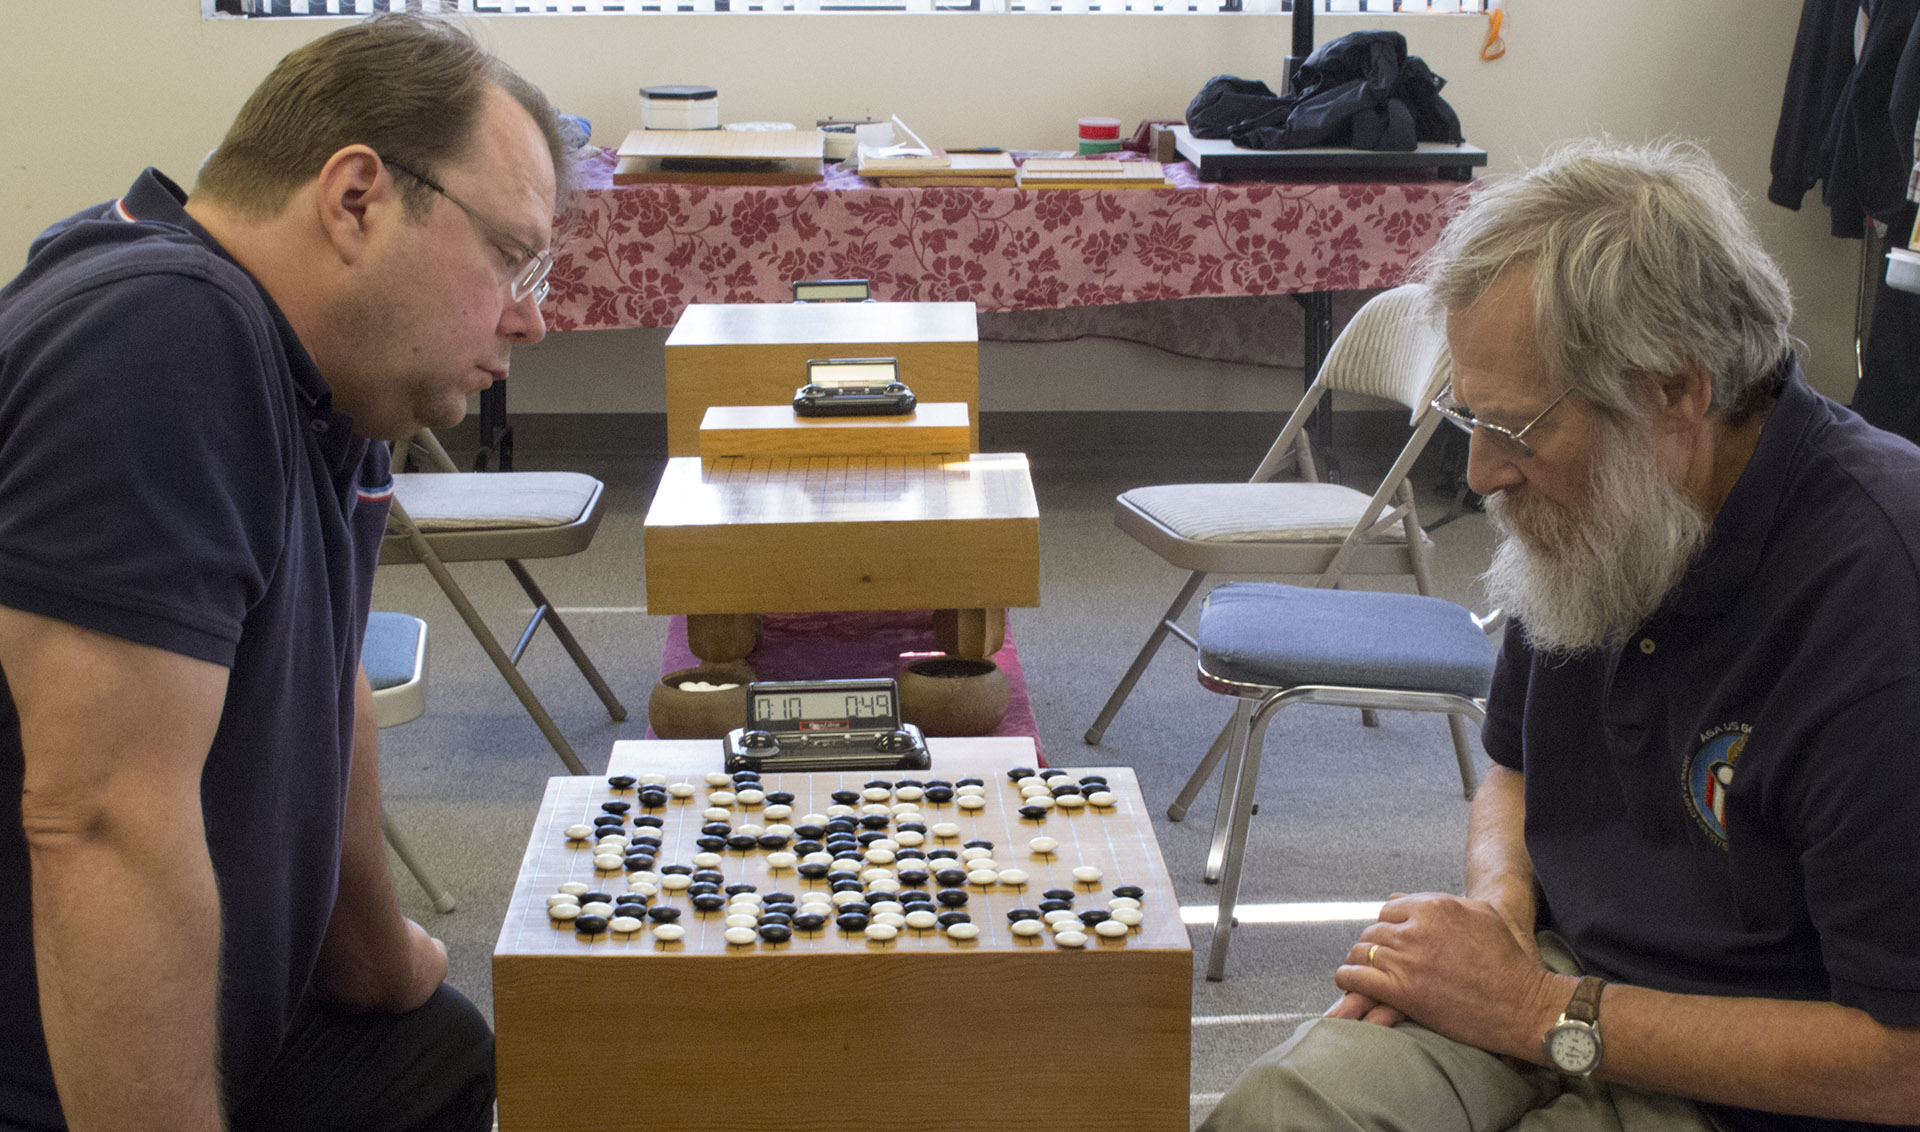 Ben Hakala and Chris Kirschner